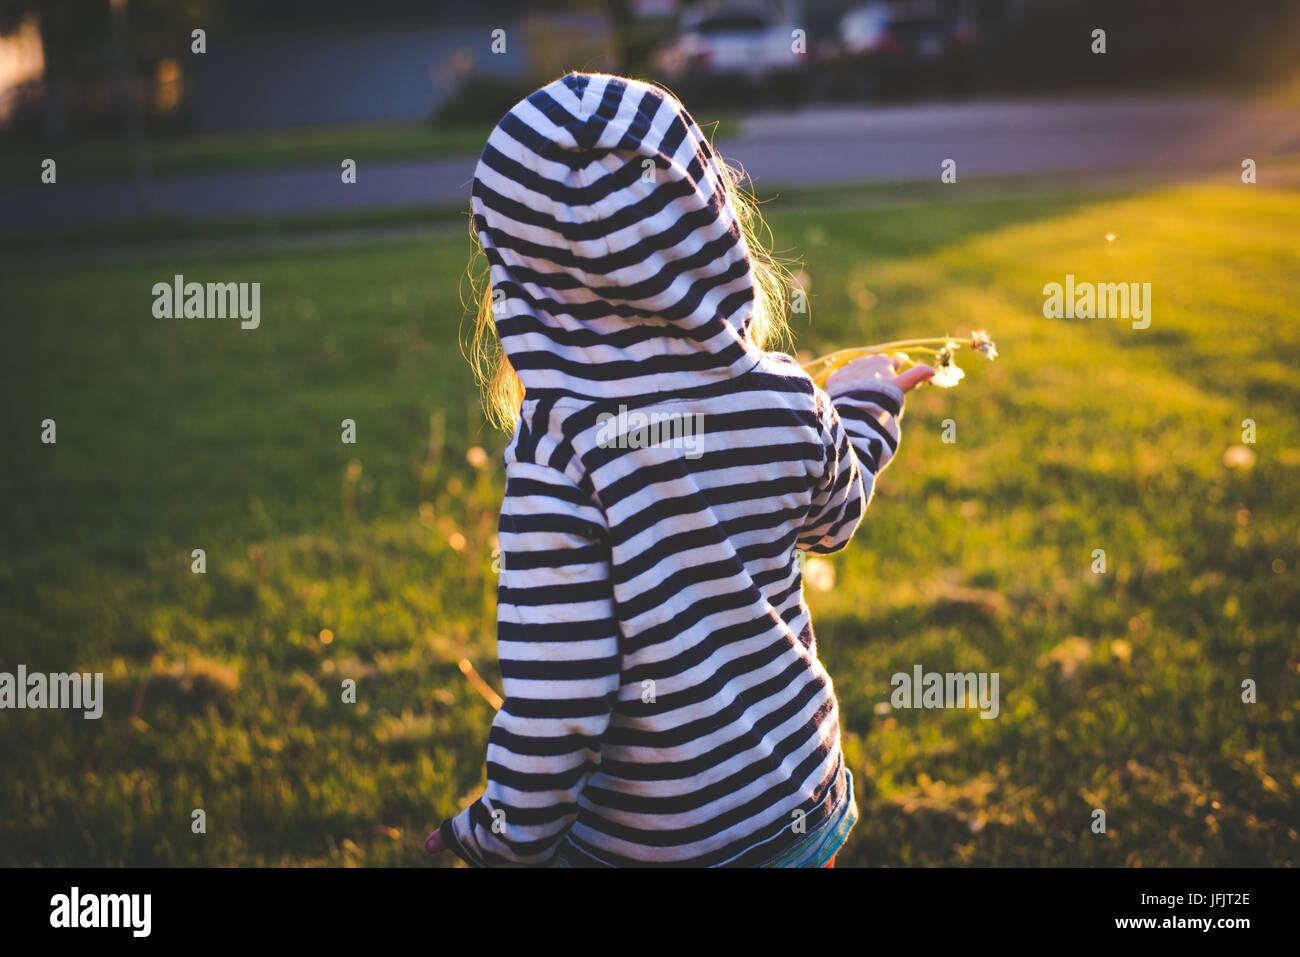 Ein Kleinkind hält einen Löwenzahn im Sonnenlicht mit dem Kleinkind mit Rücken zur Kamera stehen. Stockbild